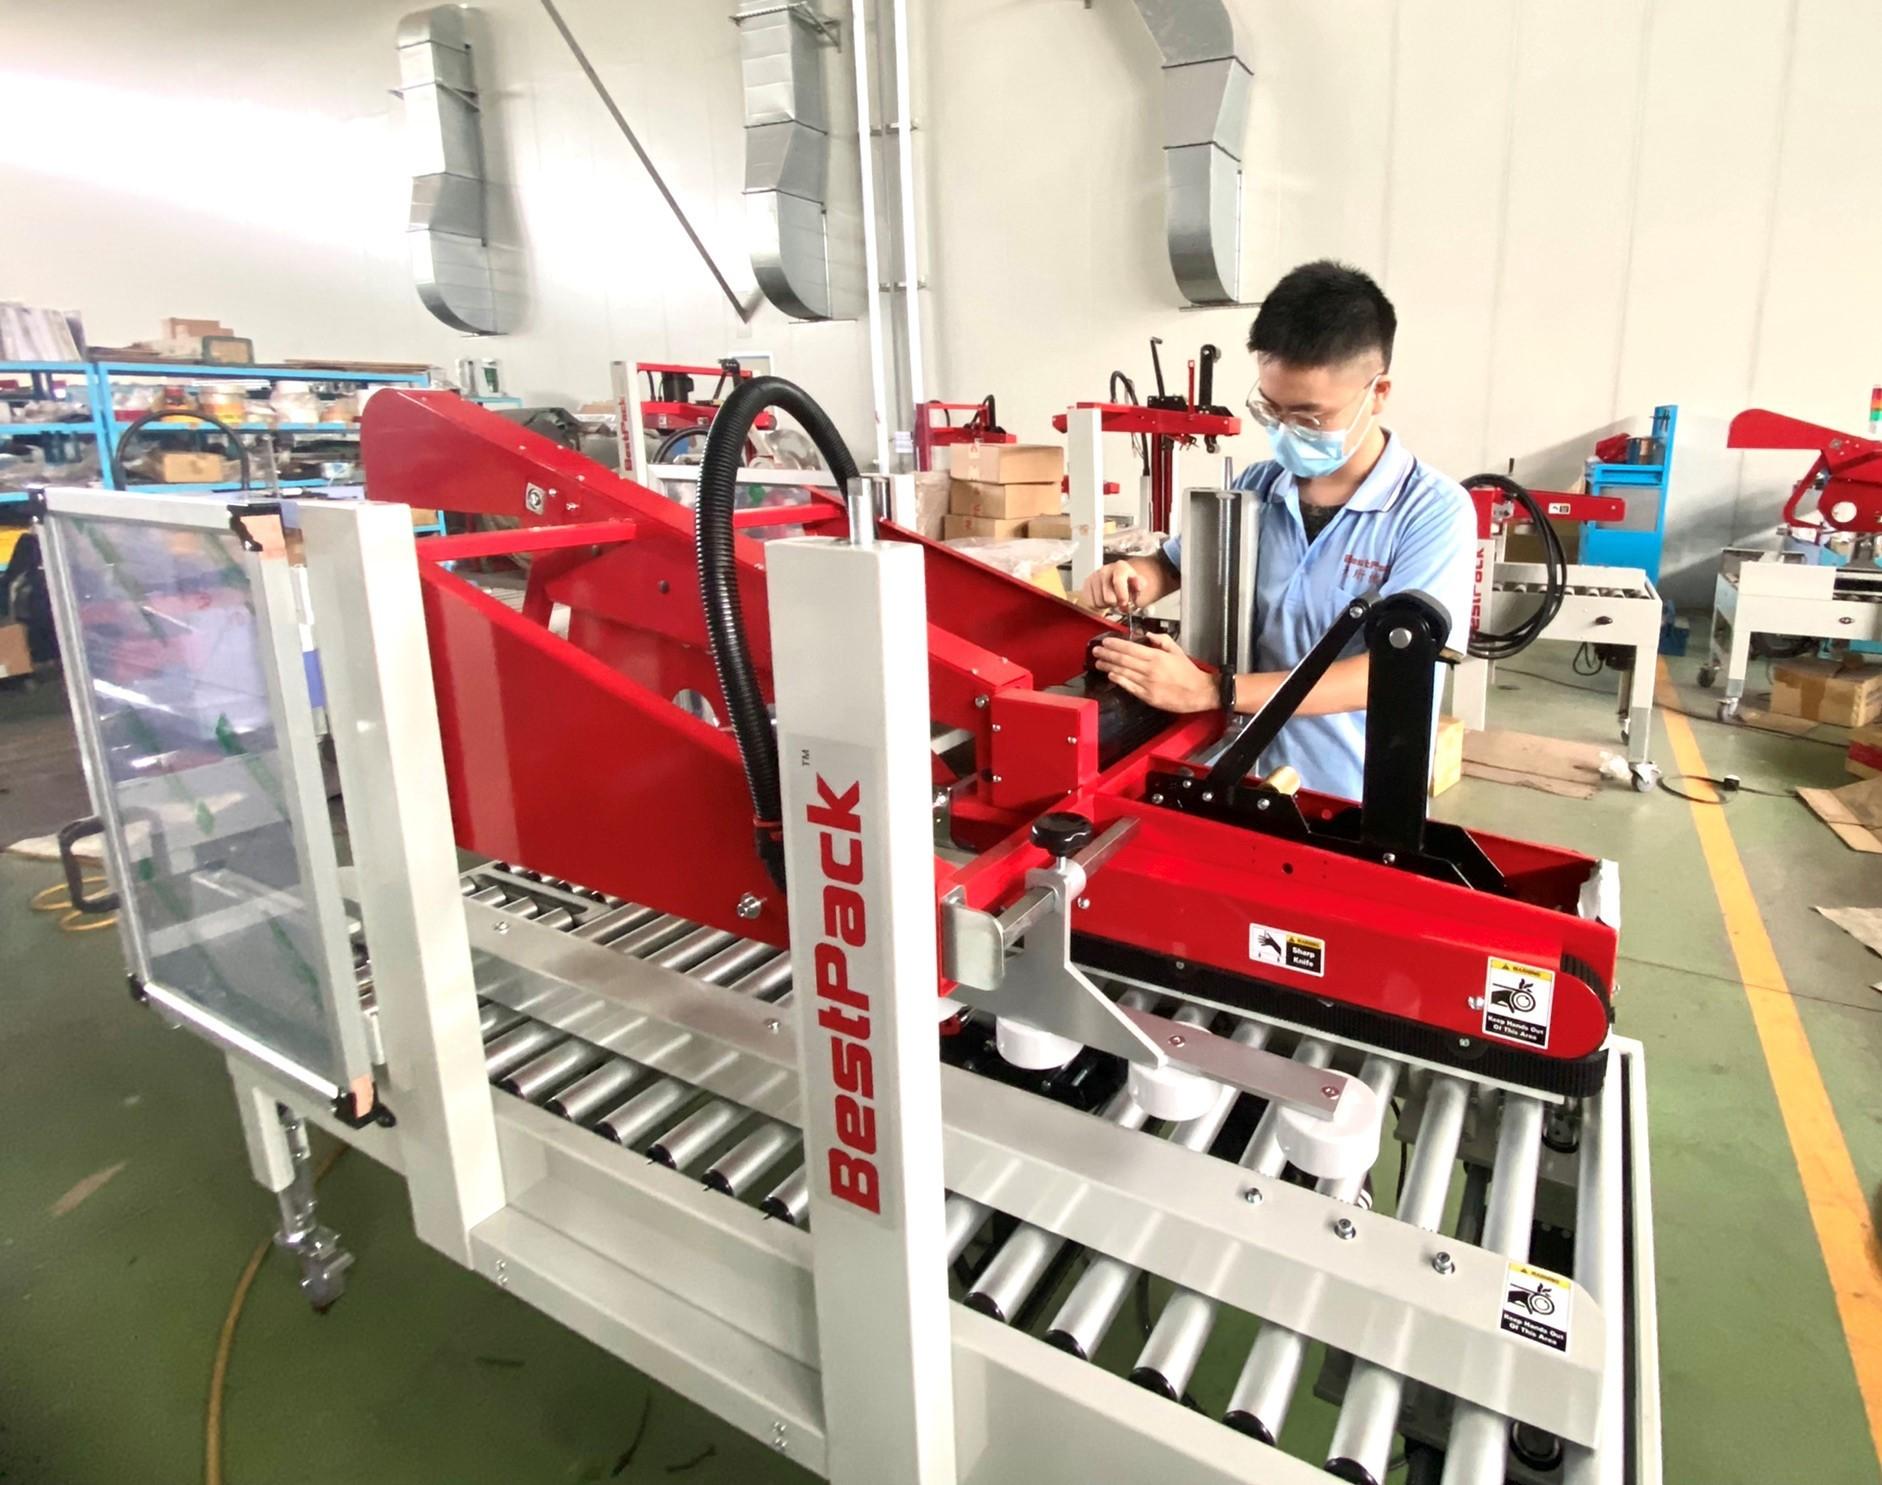 ▲參與天珩機械訓練的雙軌訓練生,透過職場訓練習得機械專業技能。(資料照片)